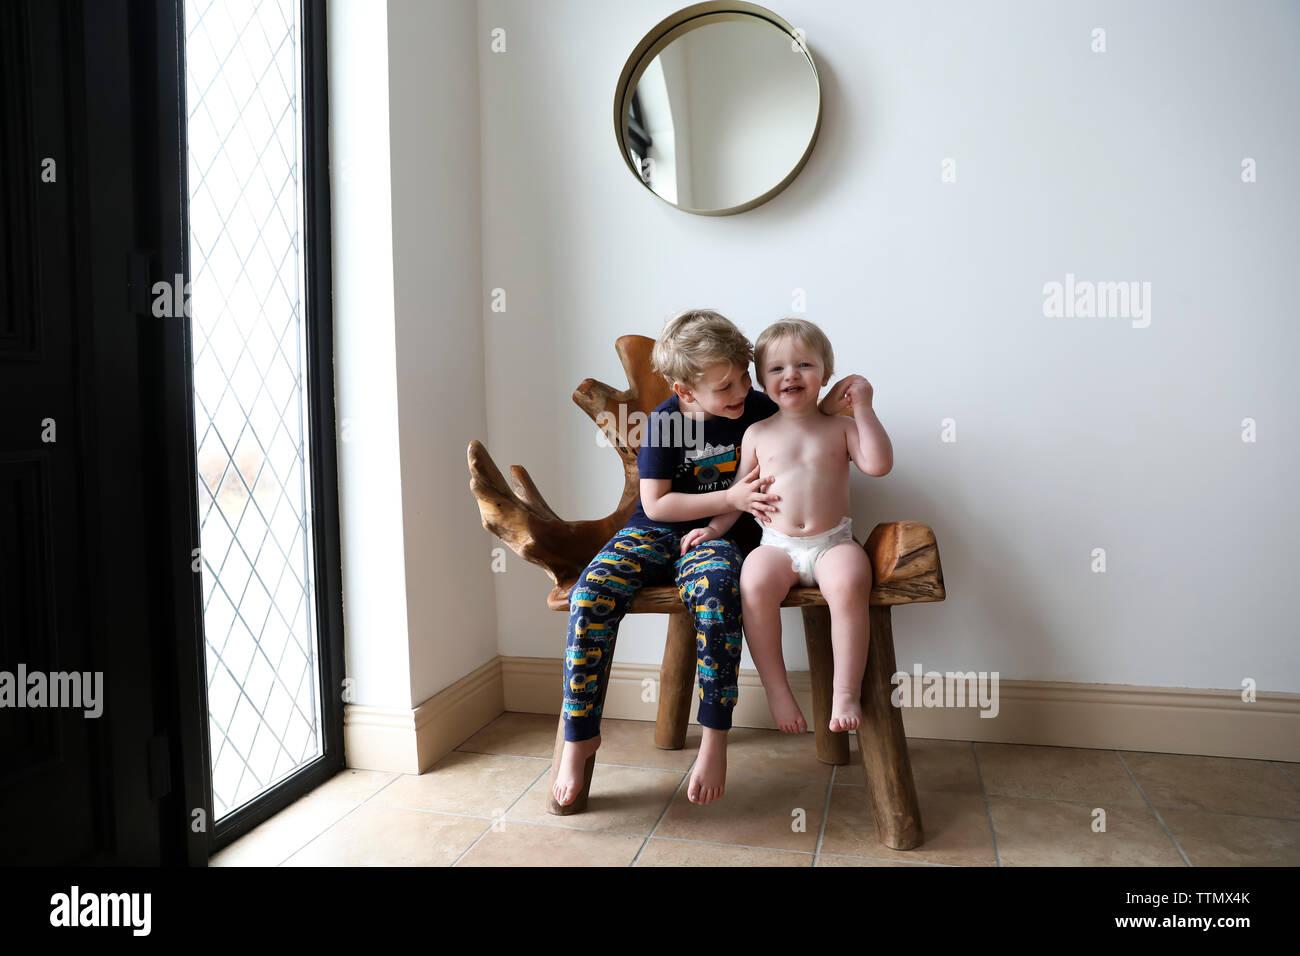 Feliz Hermanos abrazo mientras estaba sentado en el banco de madera orgánicos en interiores Foto de stock